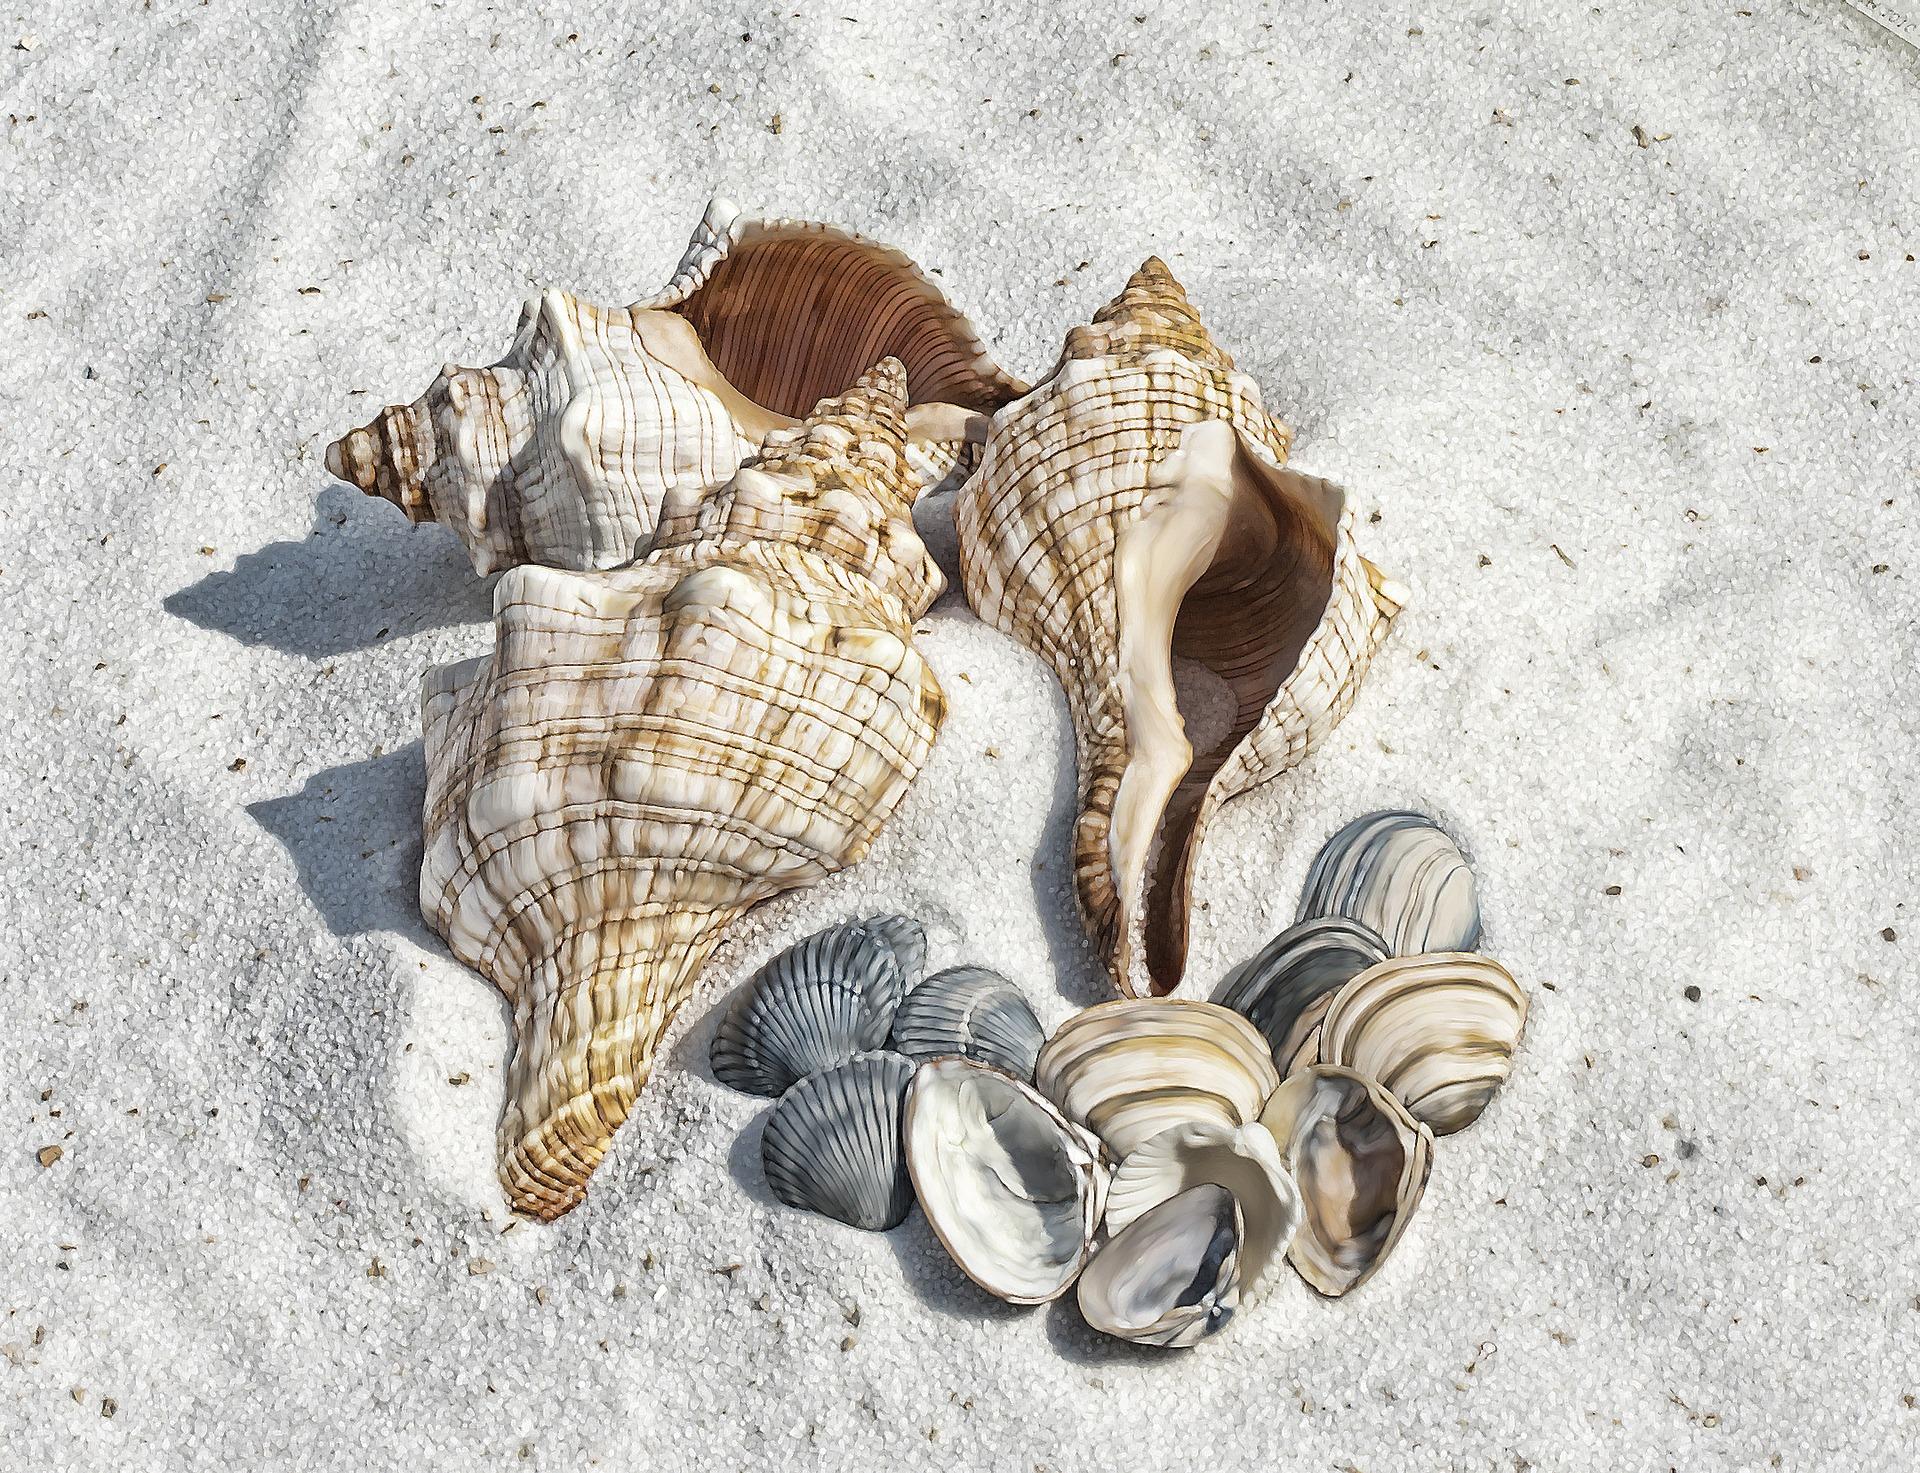 Ne rater le ramassage des coquillages lorsque vous serez de passage en mer. Il est même possible d'en ramener en grande quantité.